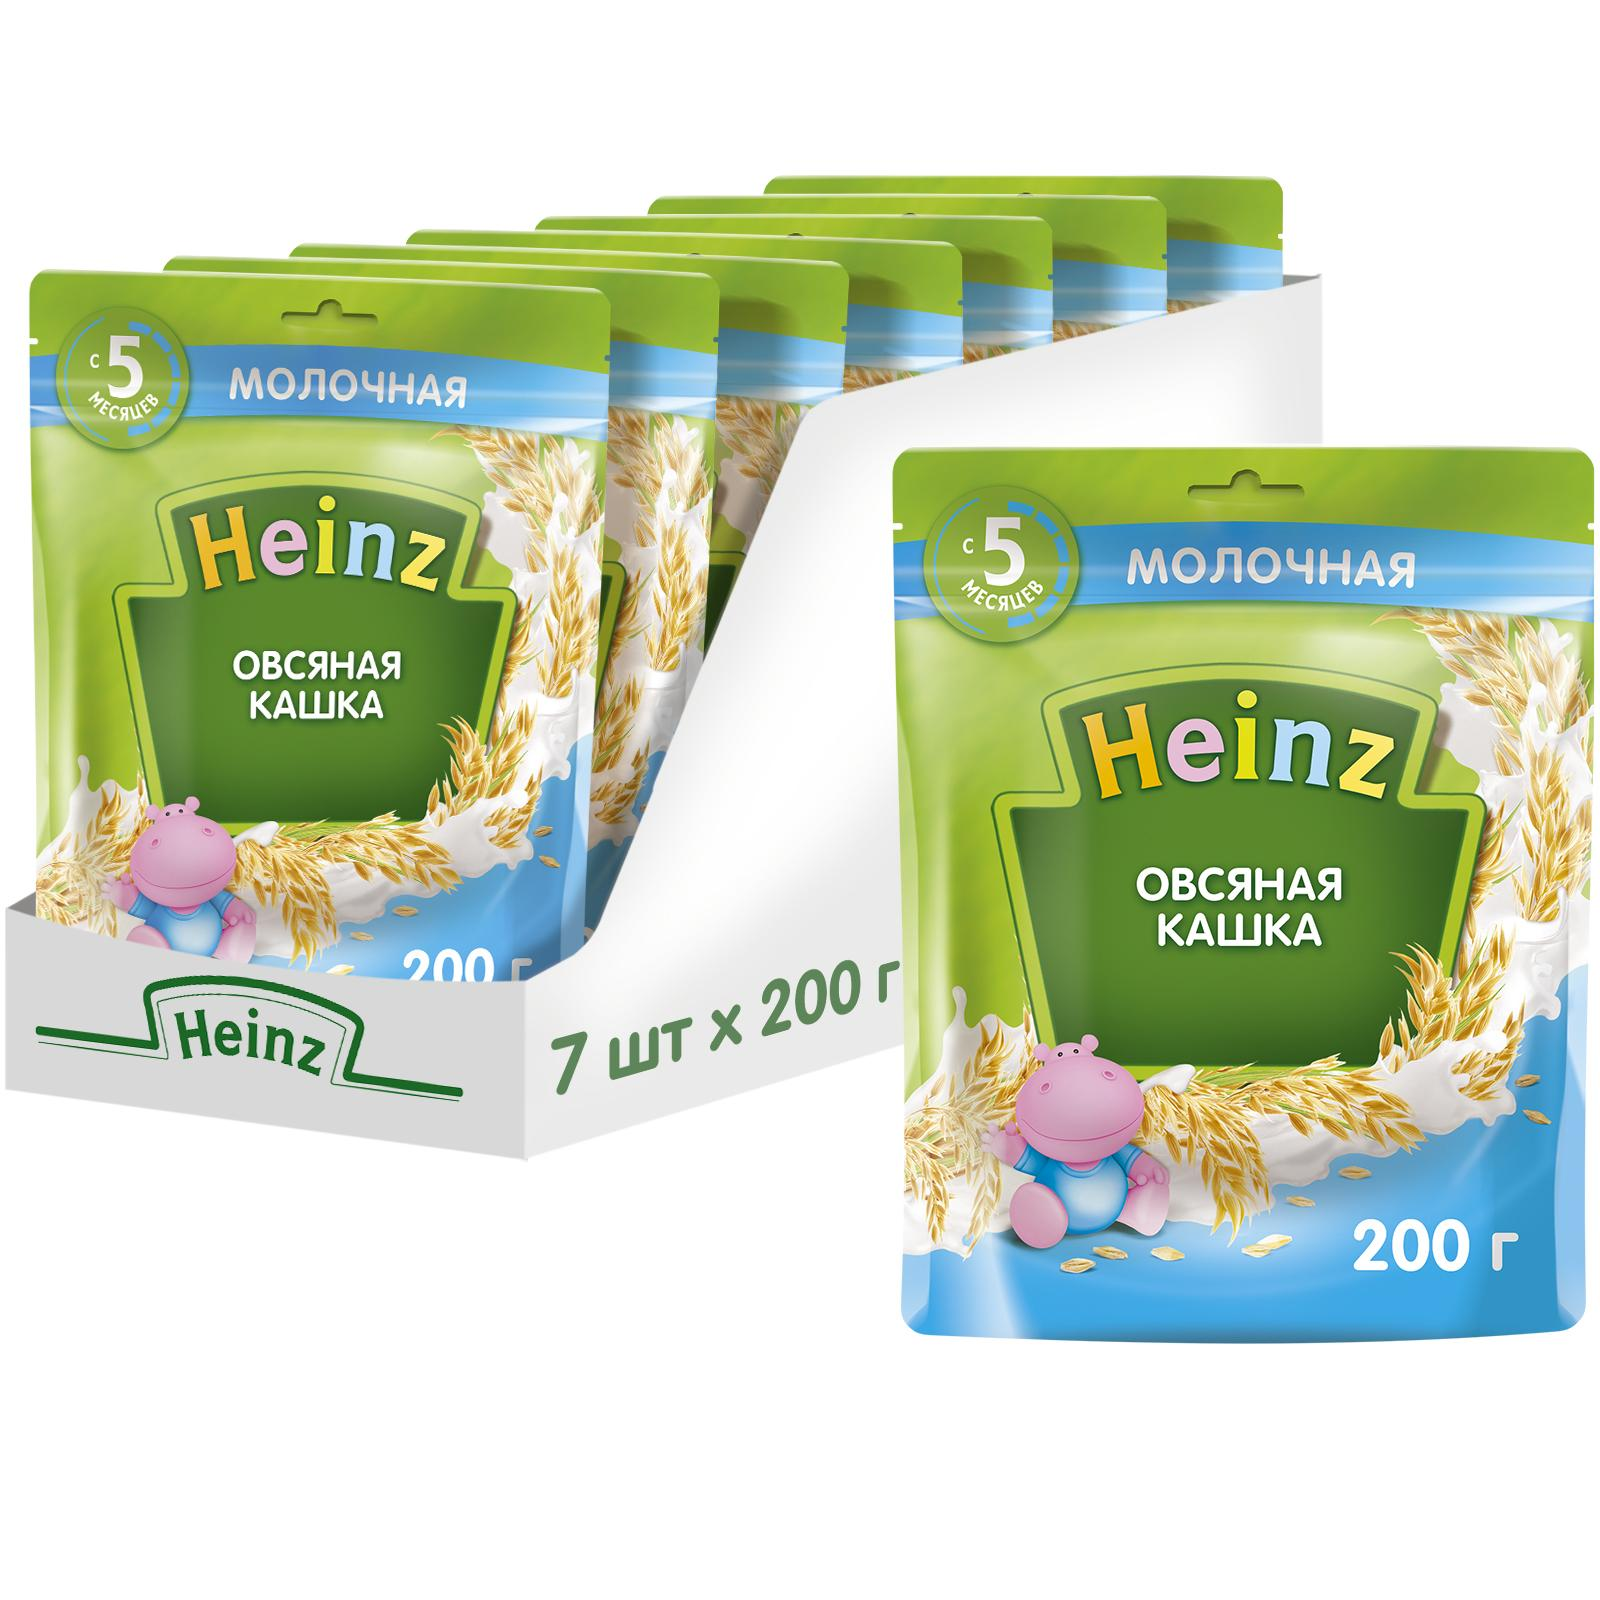 Купить Овсяная с омега 3, Каша Heinz молочная овсяная с Омега 3, с 5 месяцев, 200 г 7шт.,